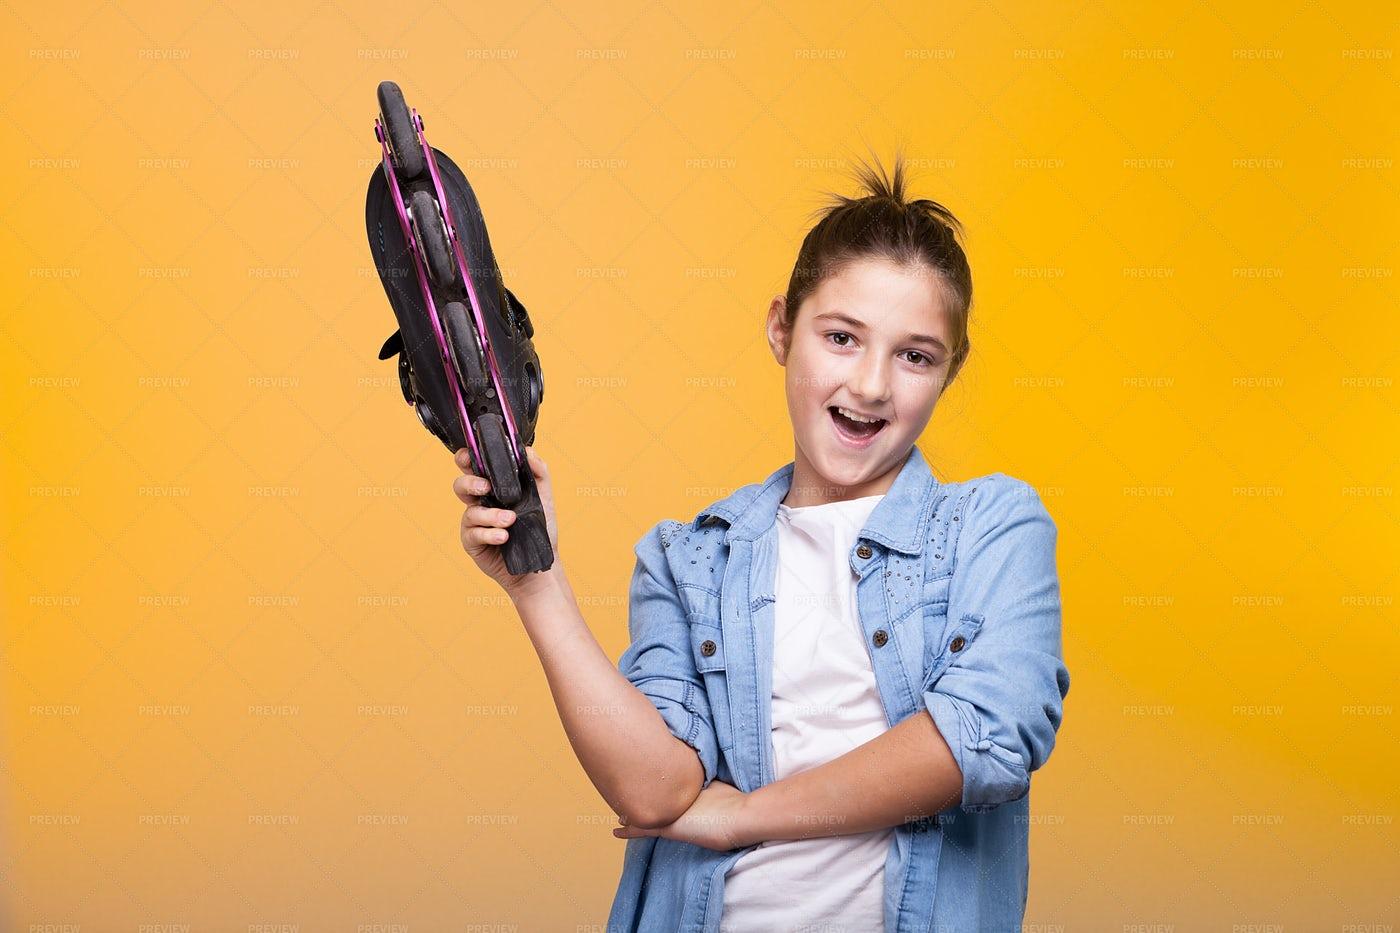 Girl Holding Roller Skate: Stock Photos